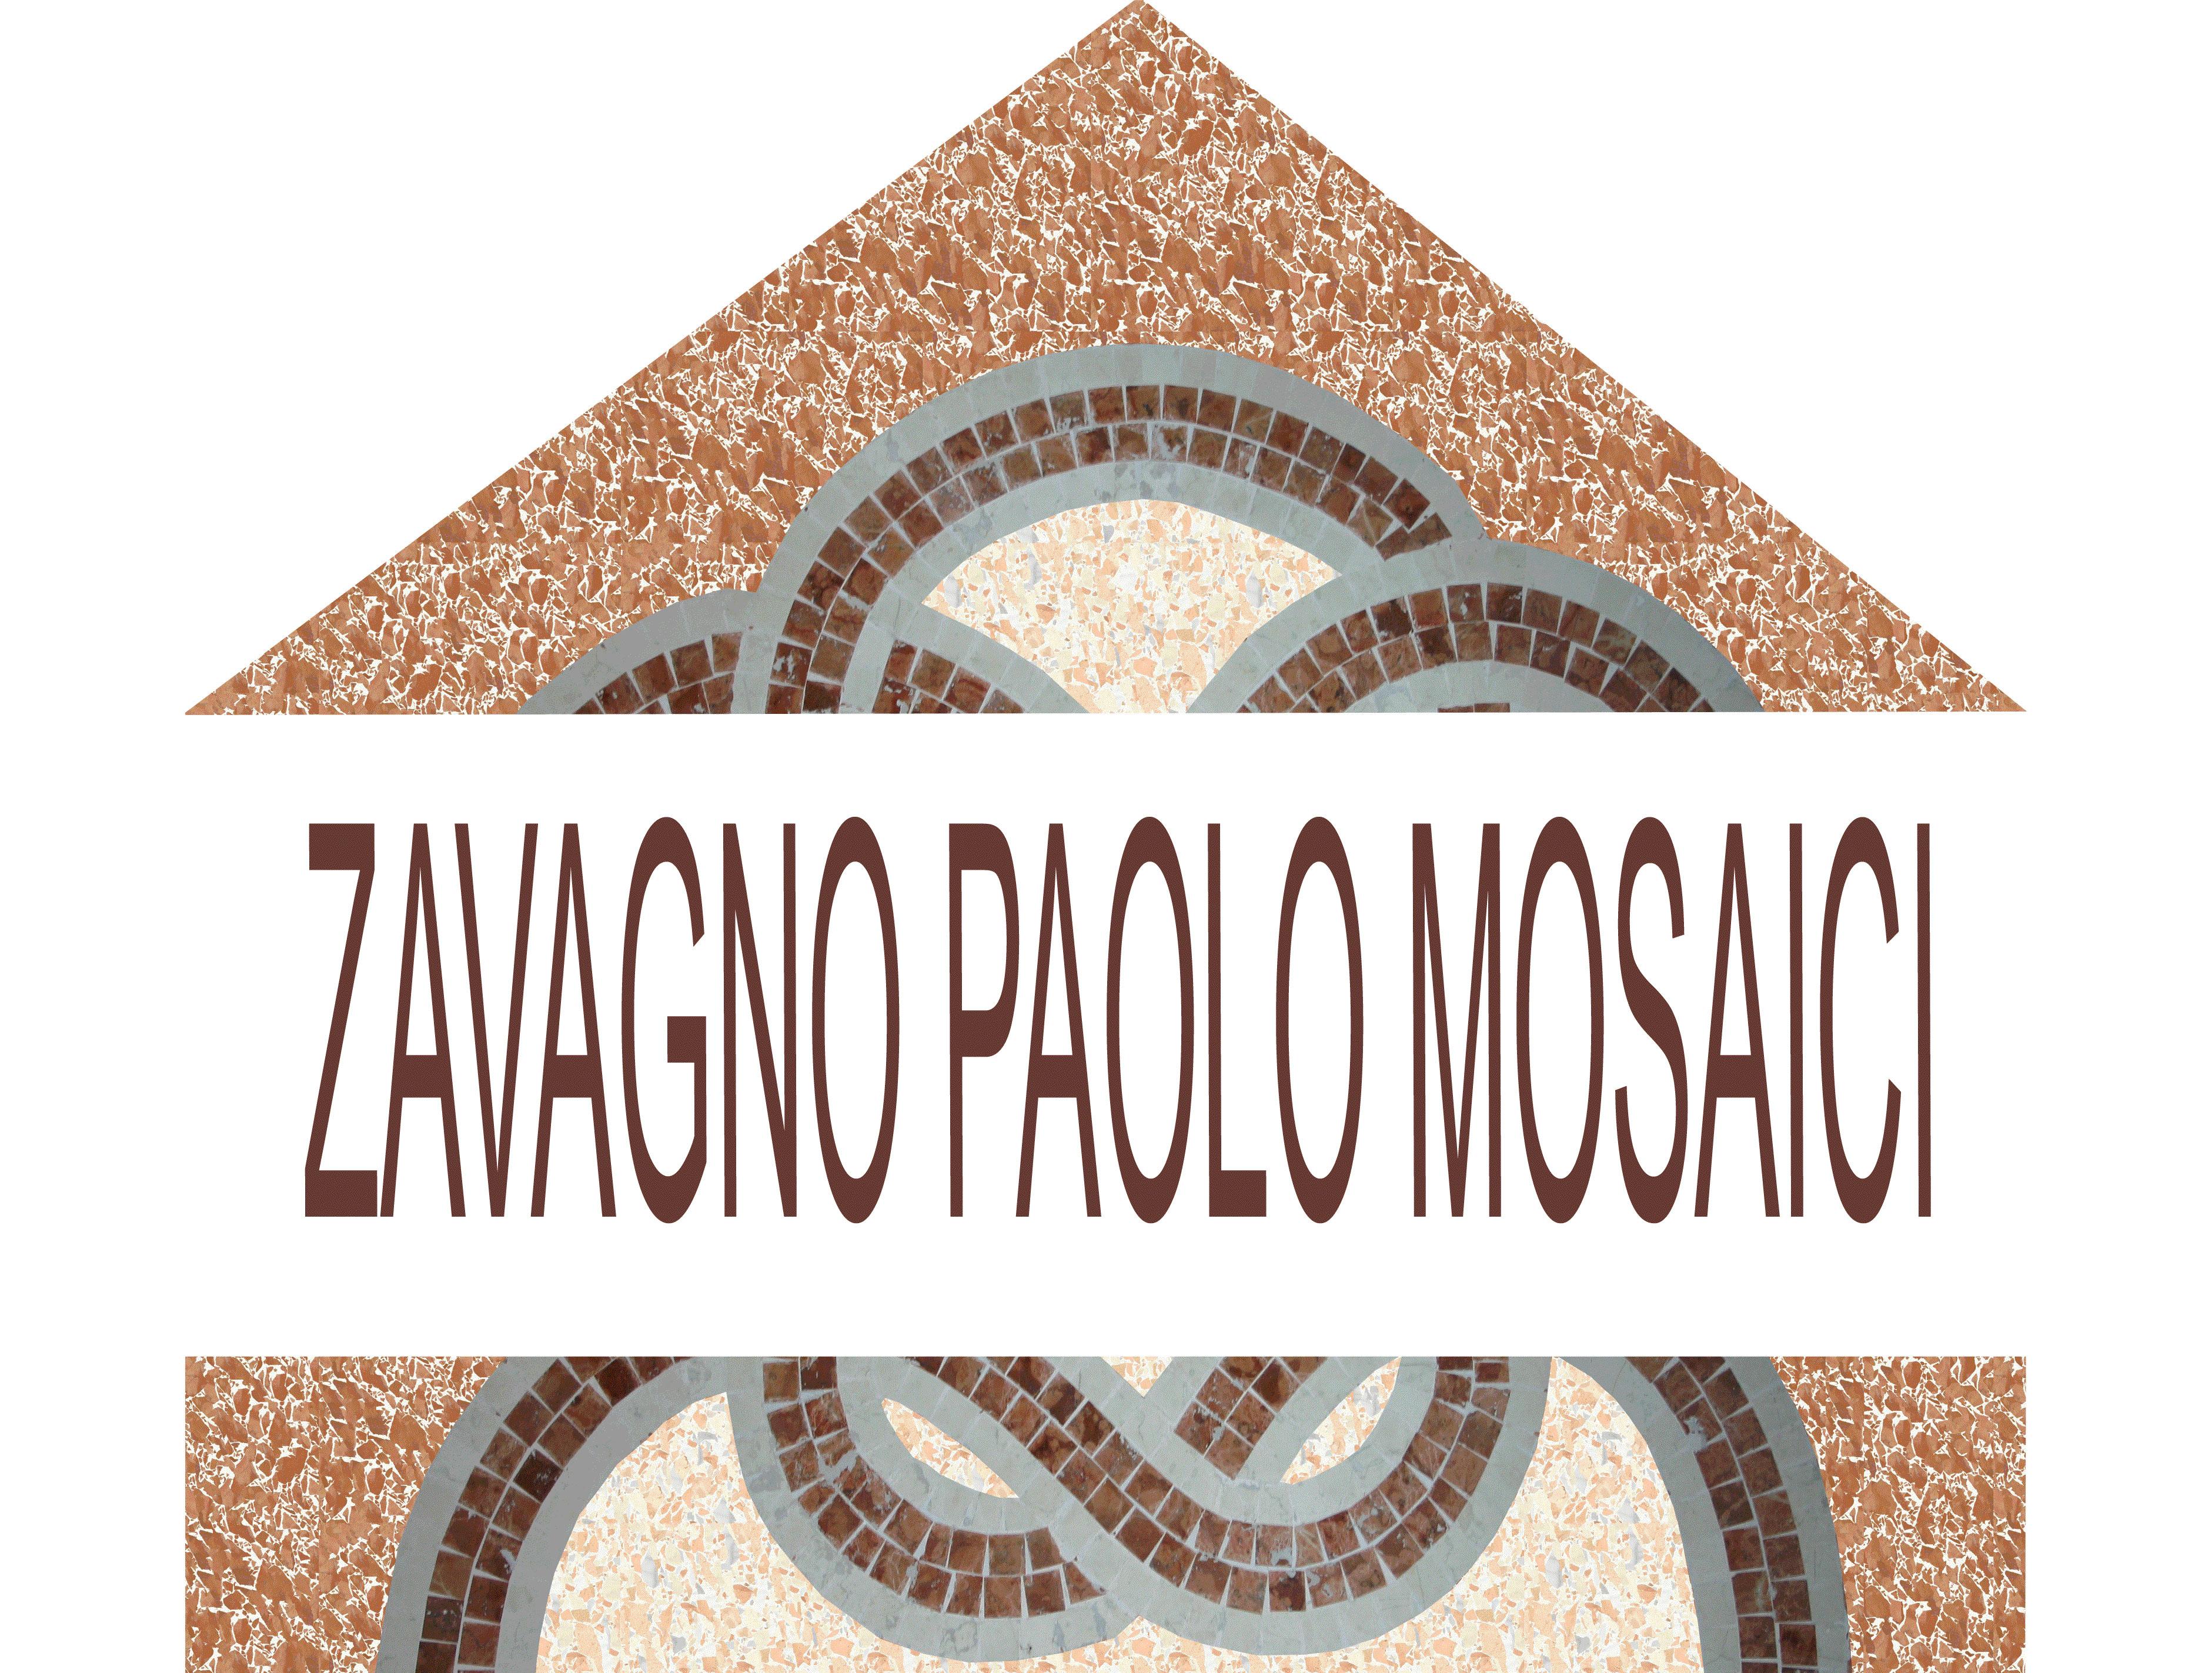 Zavagno Paolo